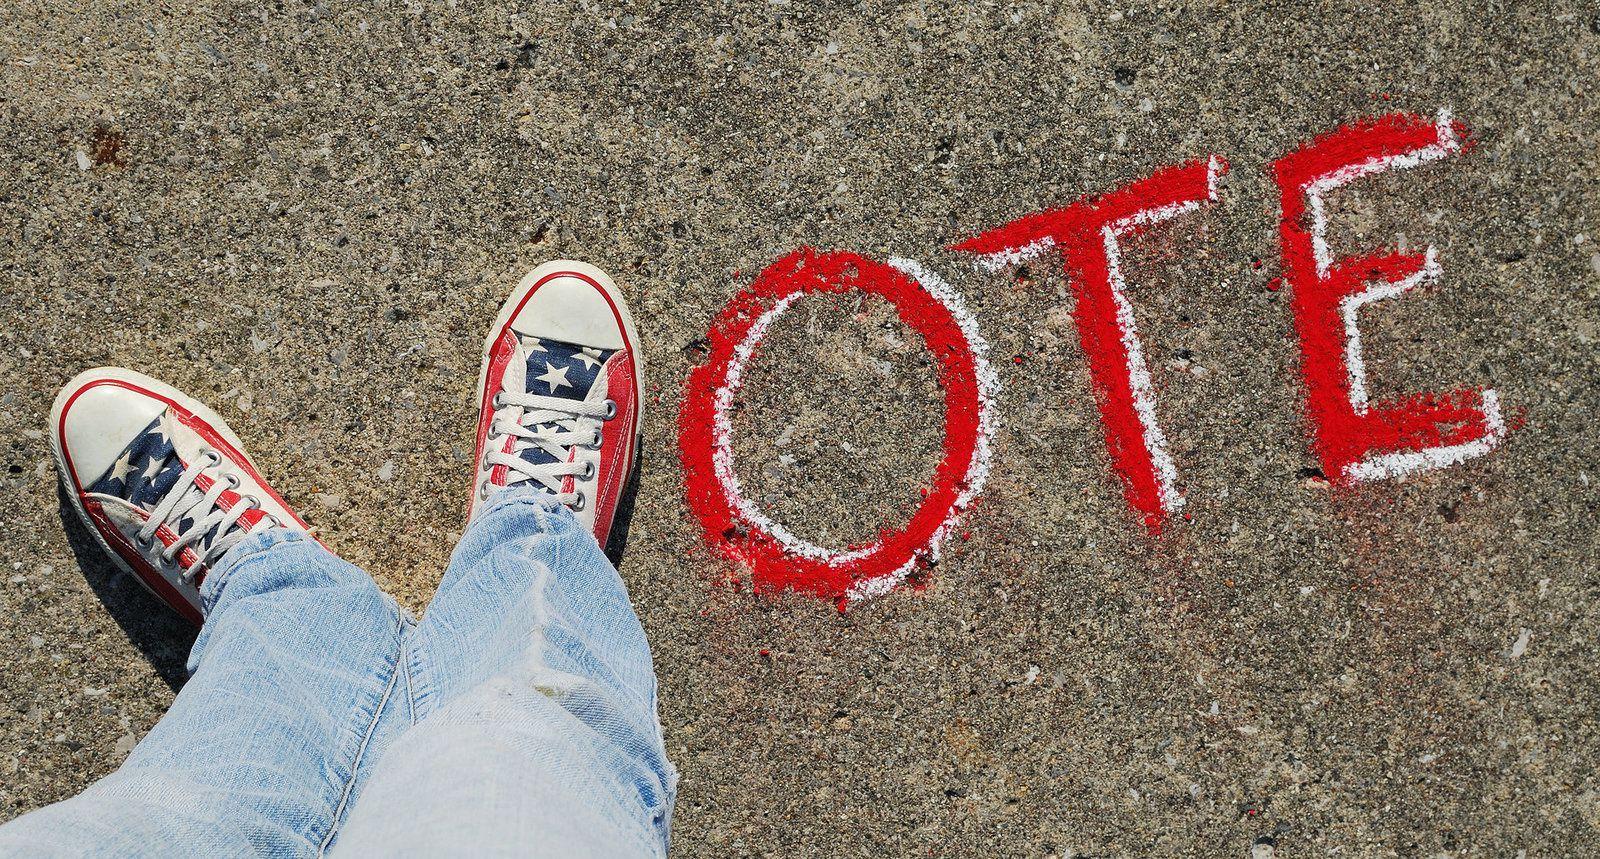  En démocratie le vote n'a pas que des vertus